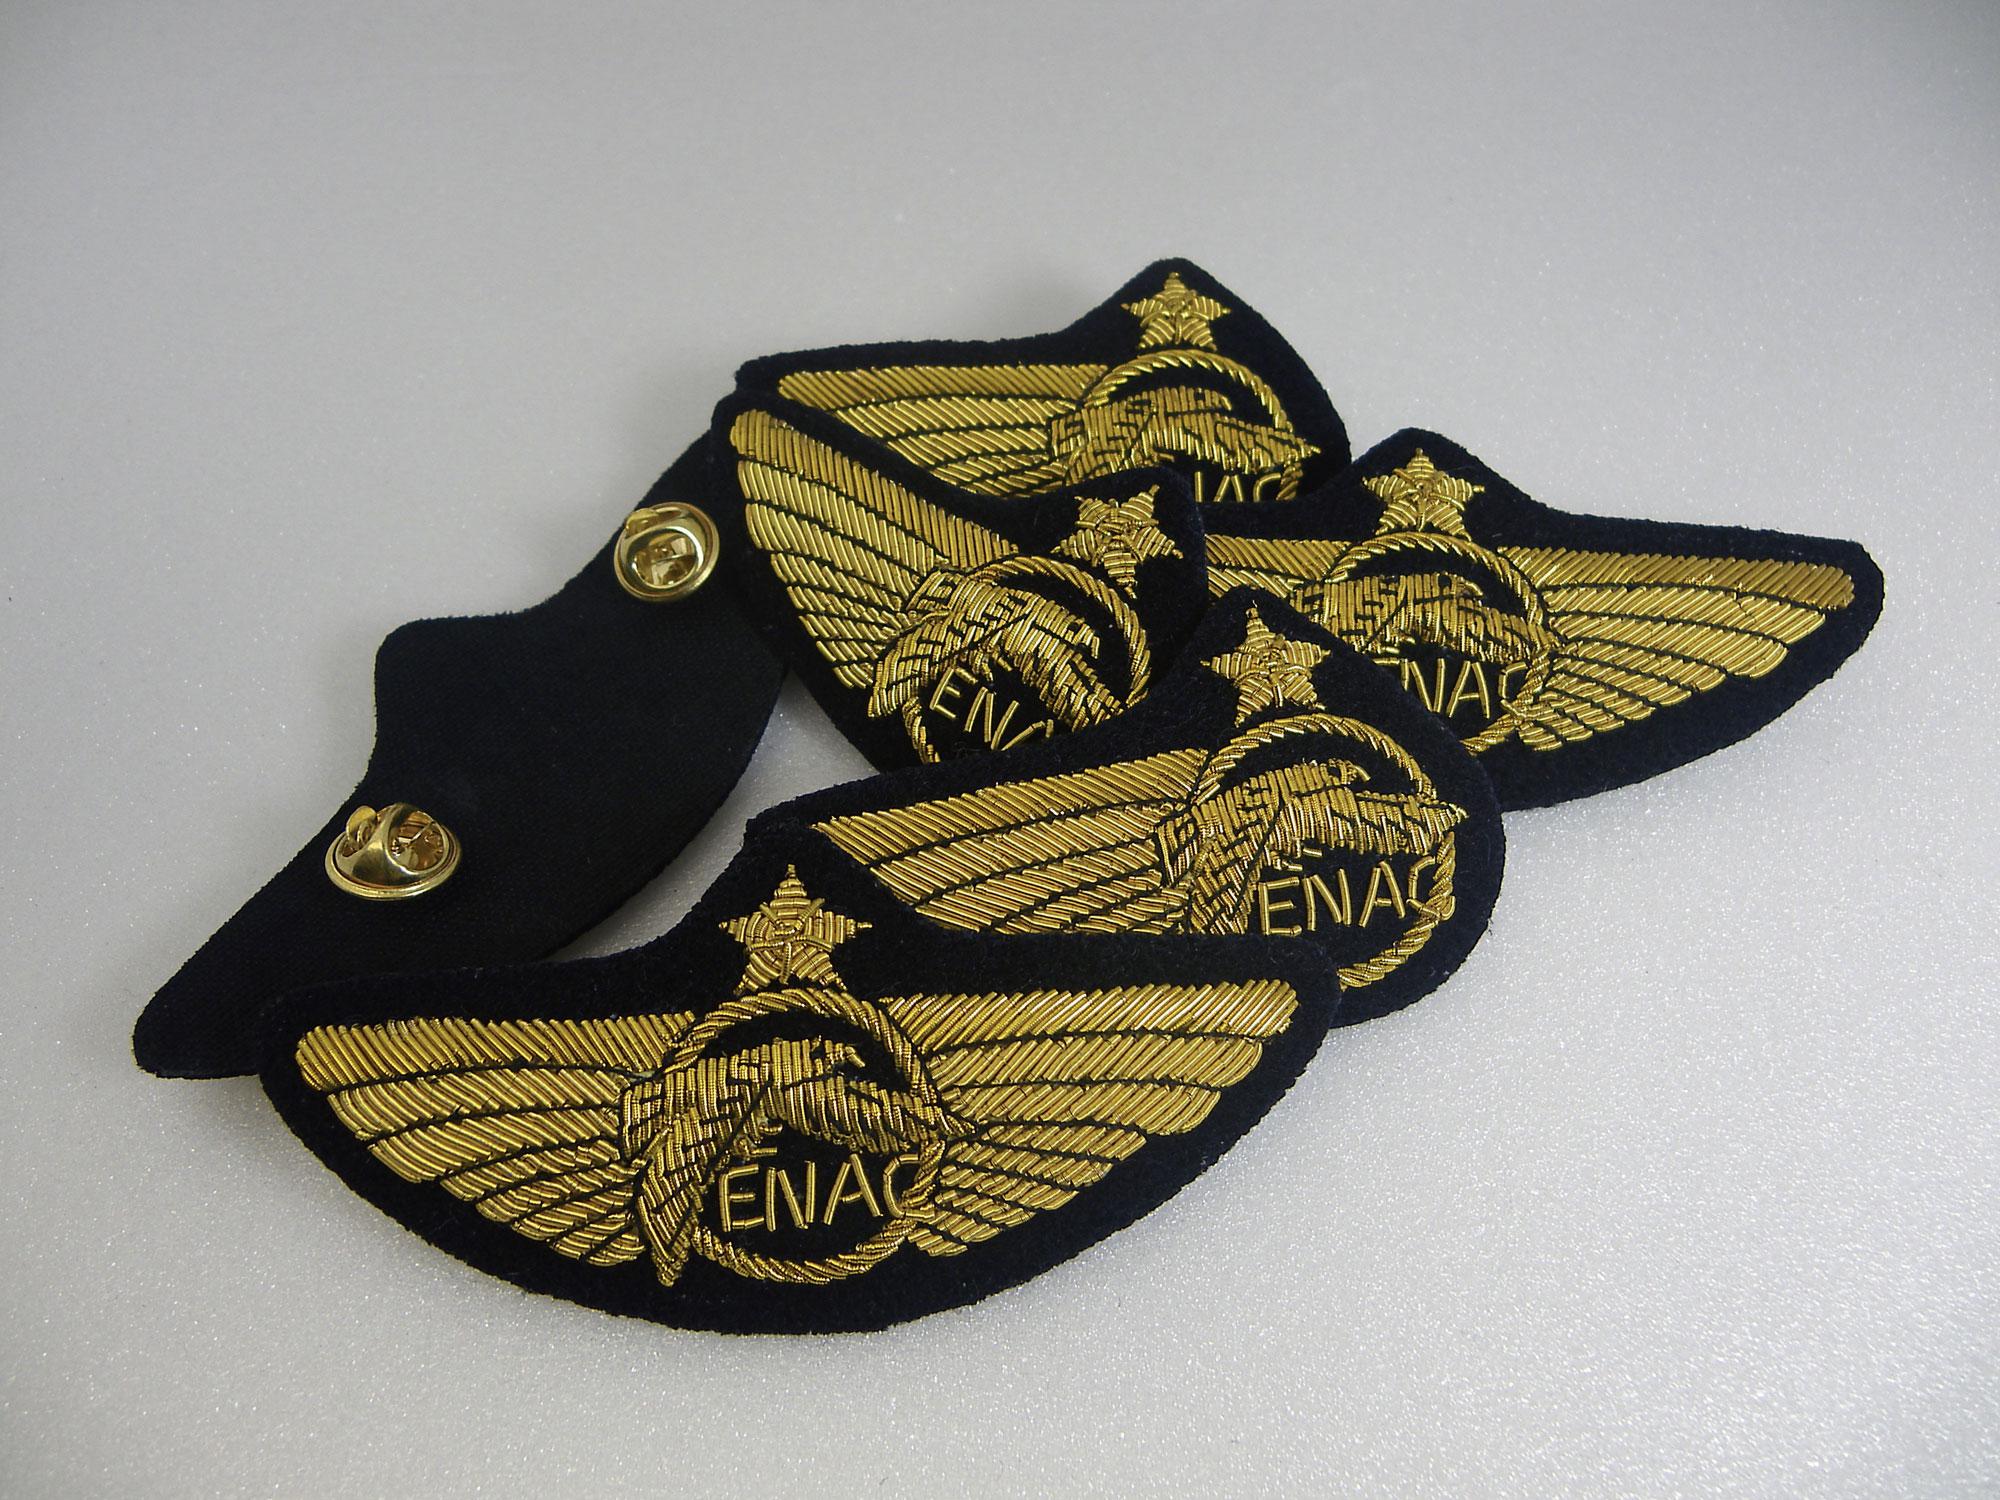 Aile de poitrine ENAC tissus